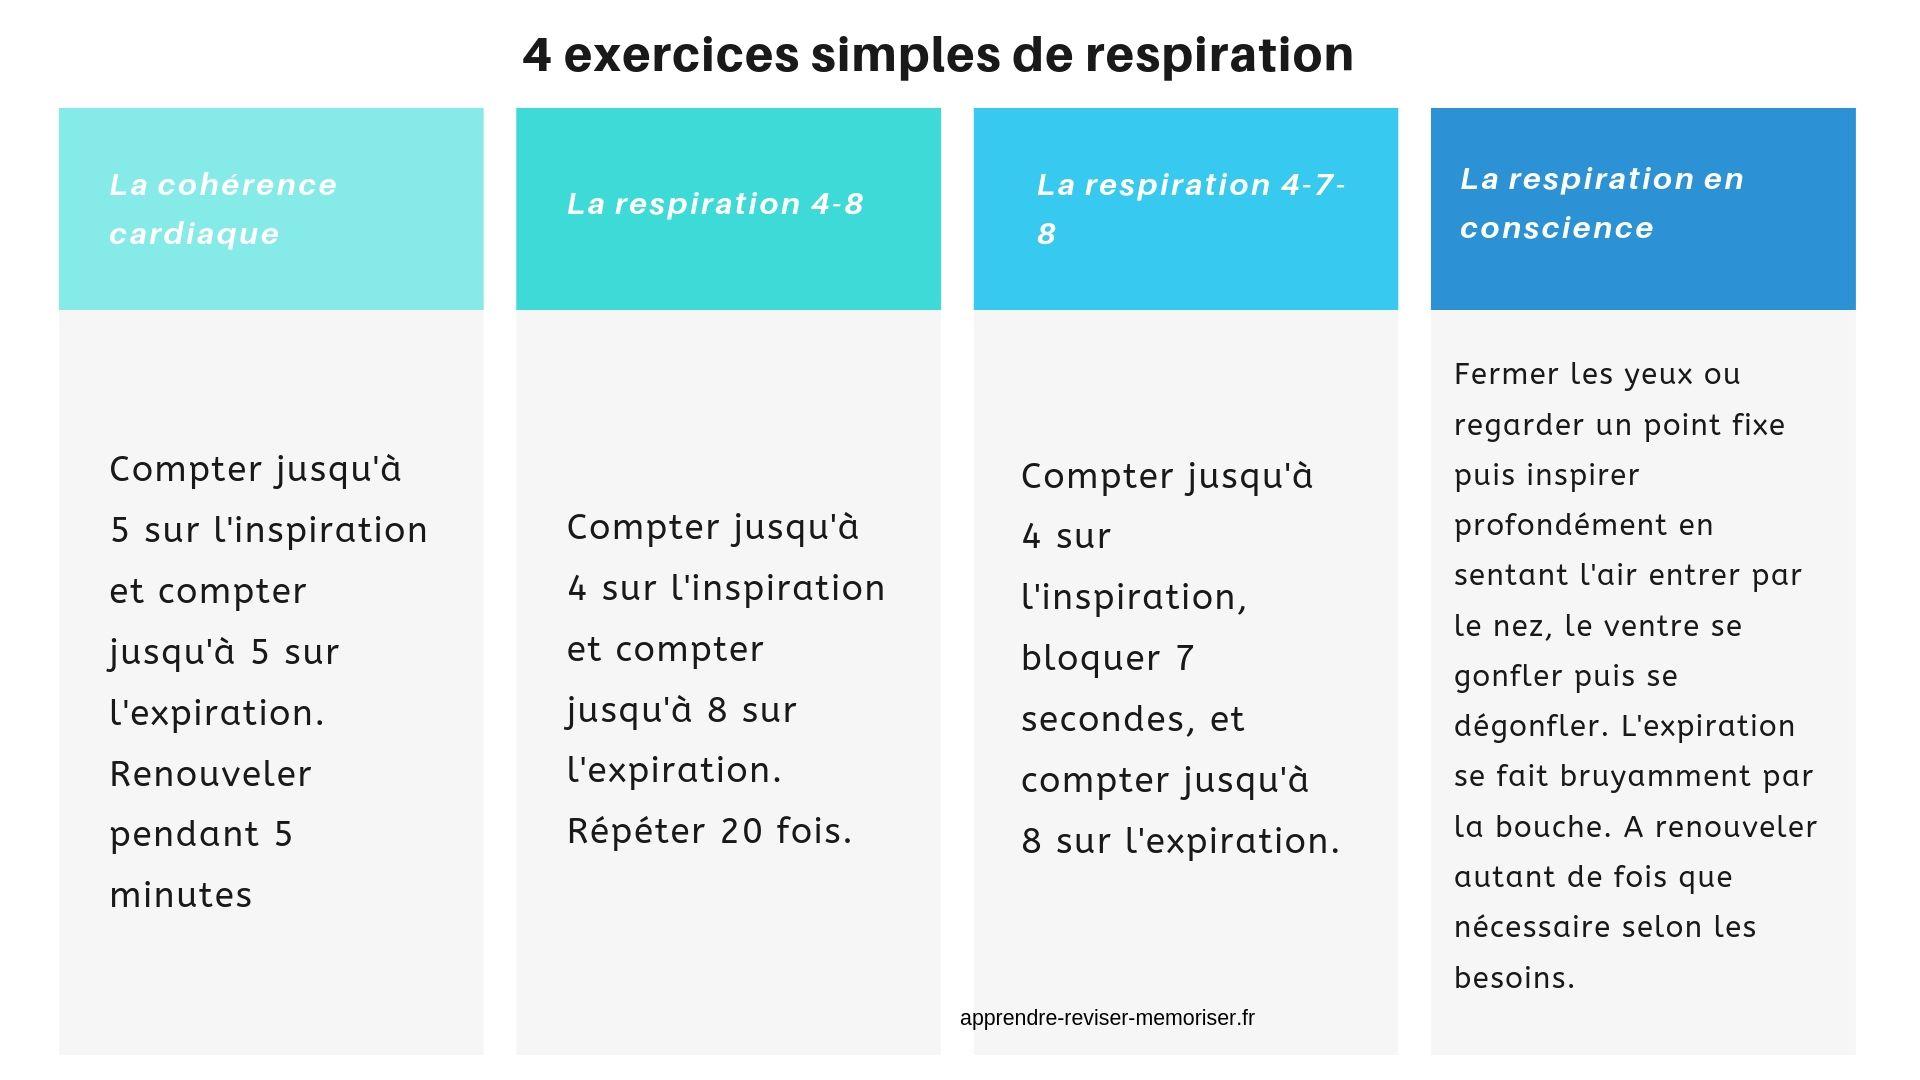 4 exercices simples de respiration